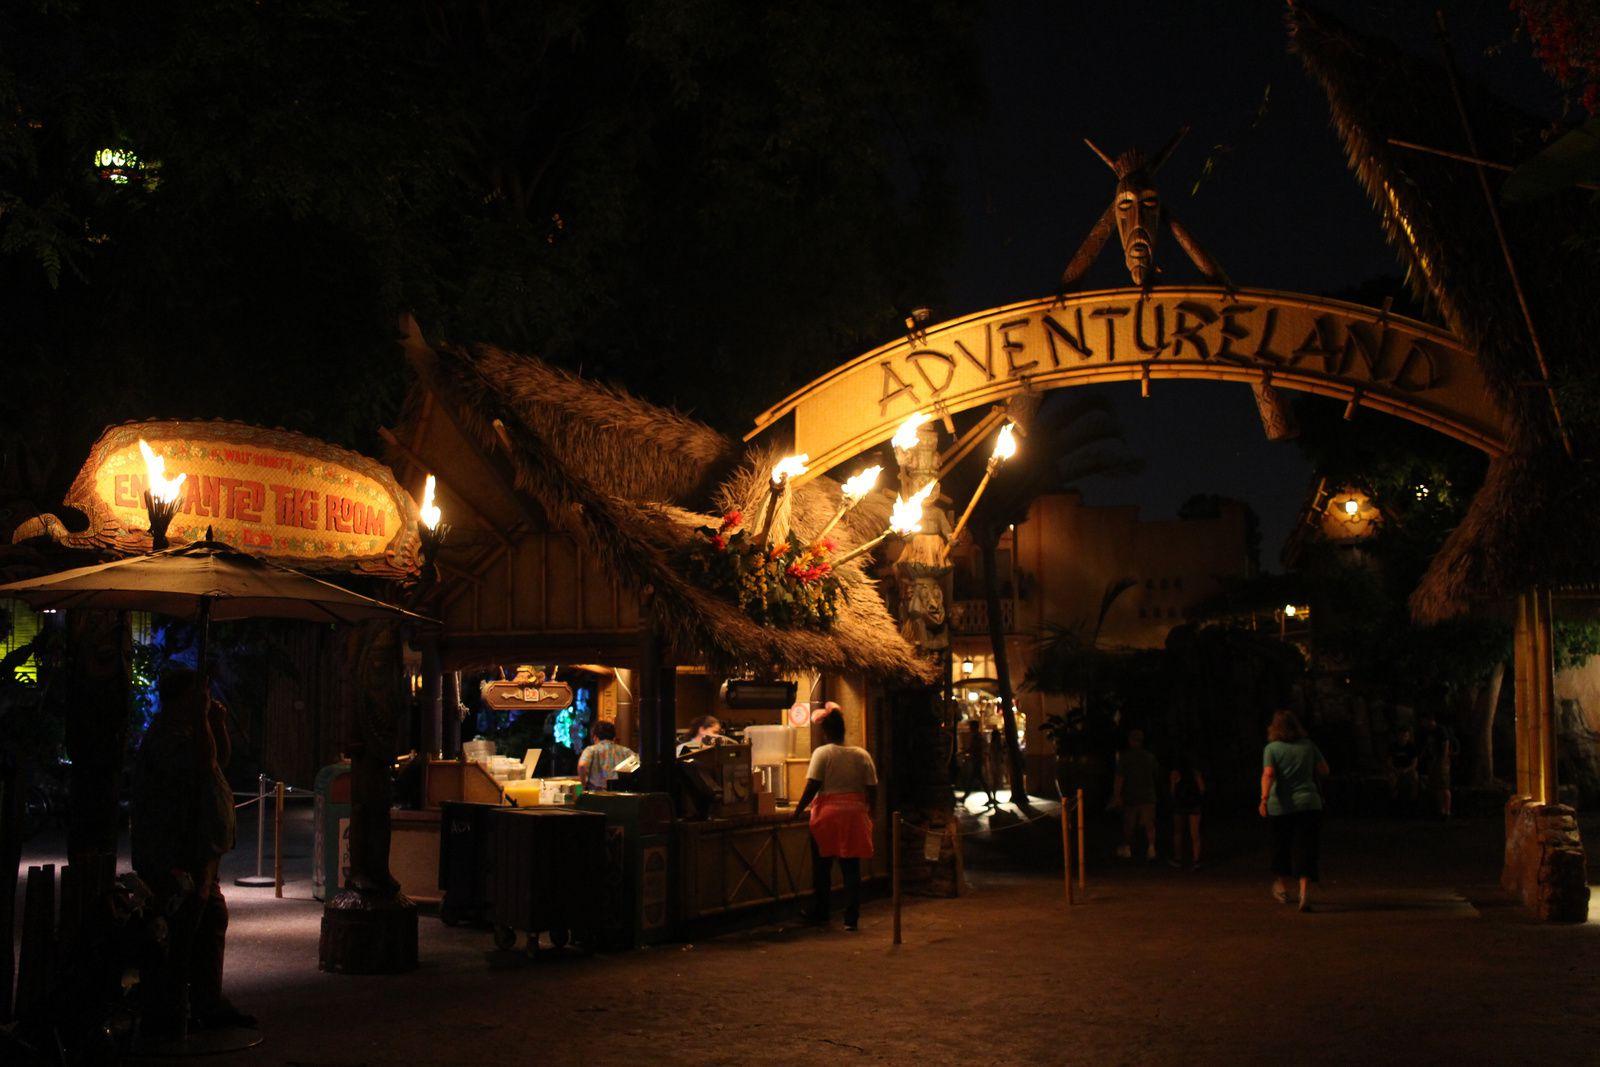 Adventureland, Disneyland Park (Californie)